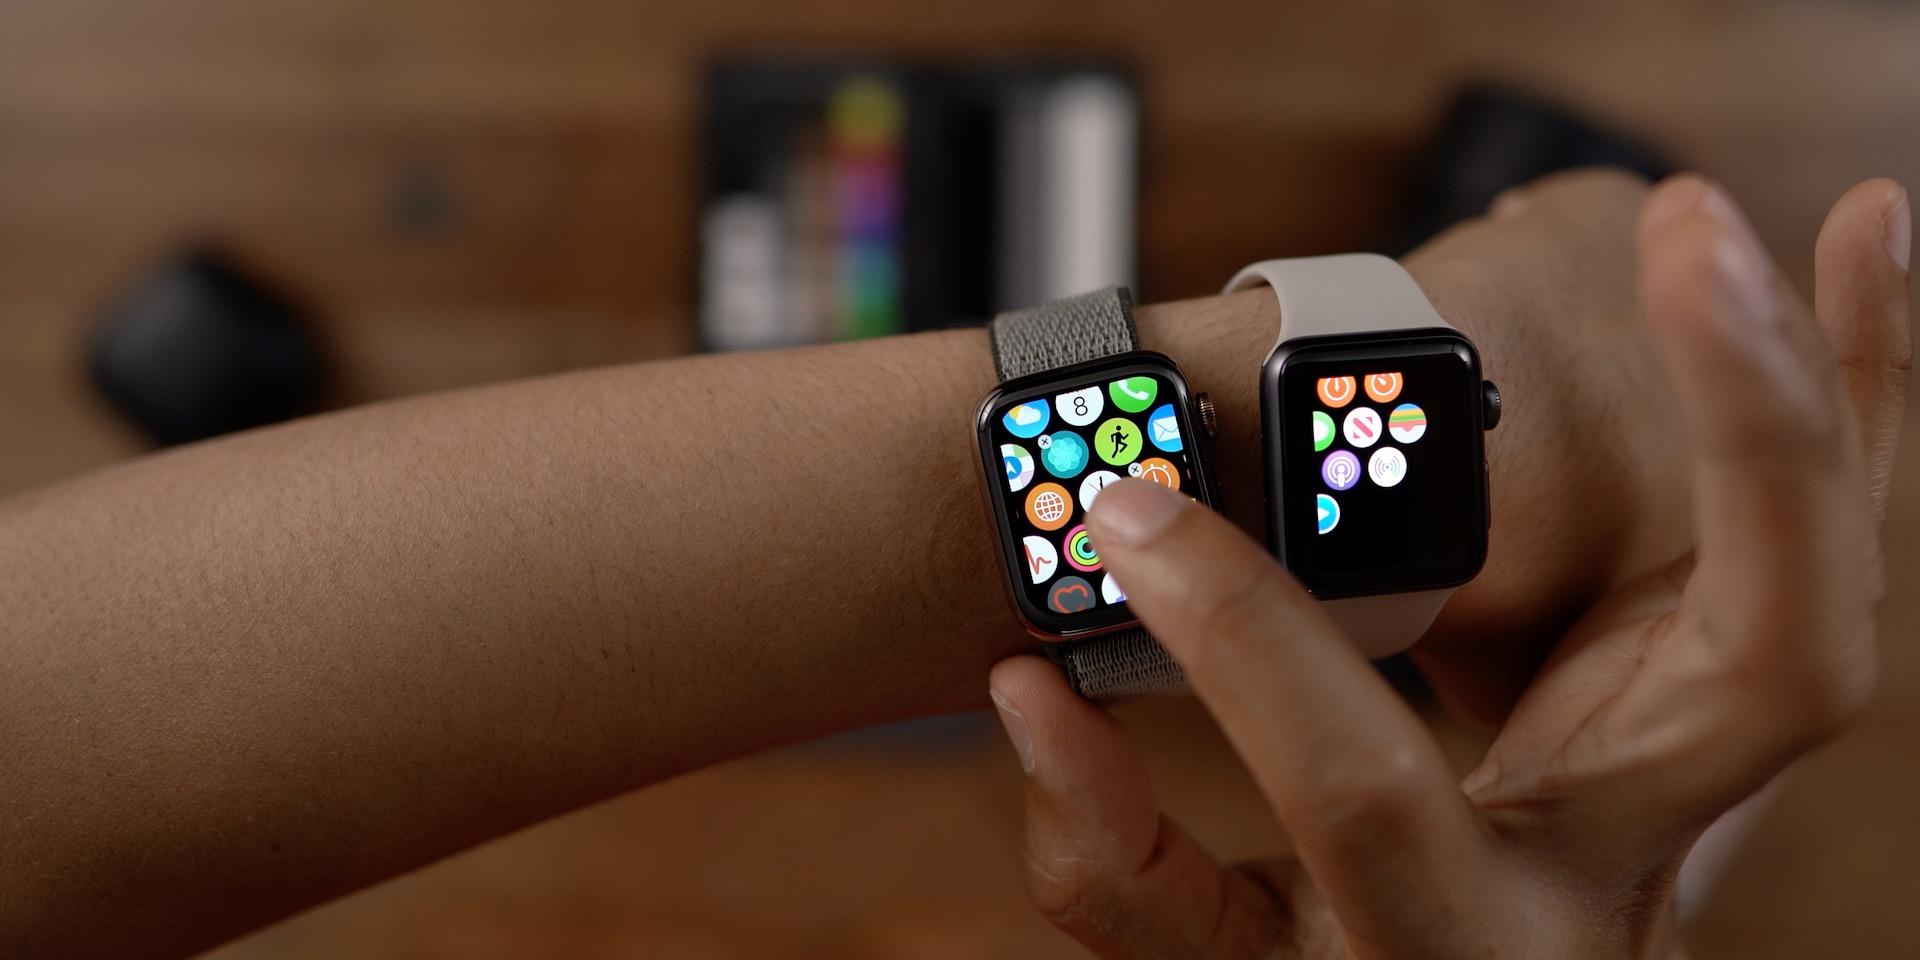 Delete stock apps watchOS 6